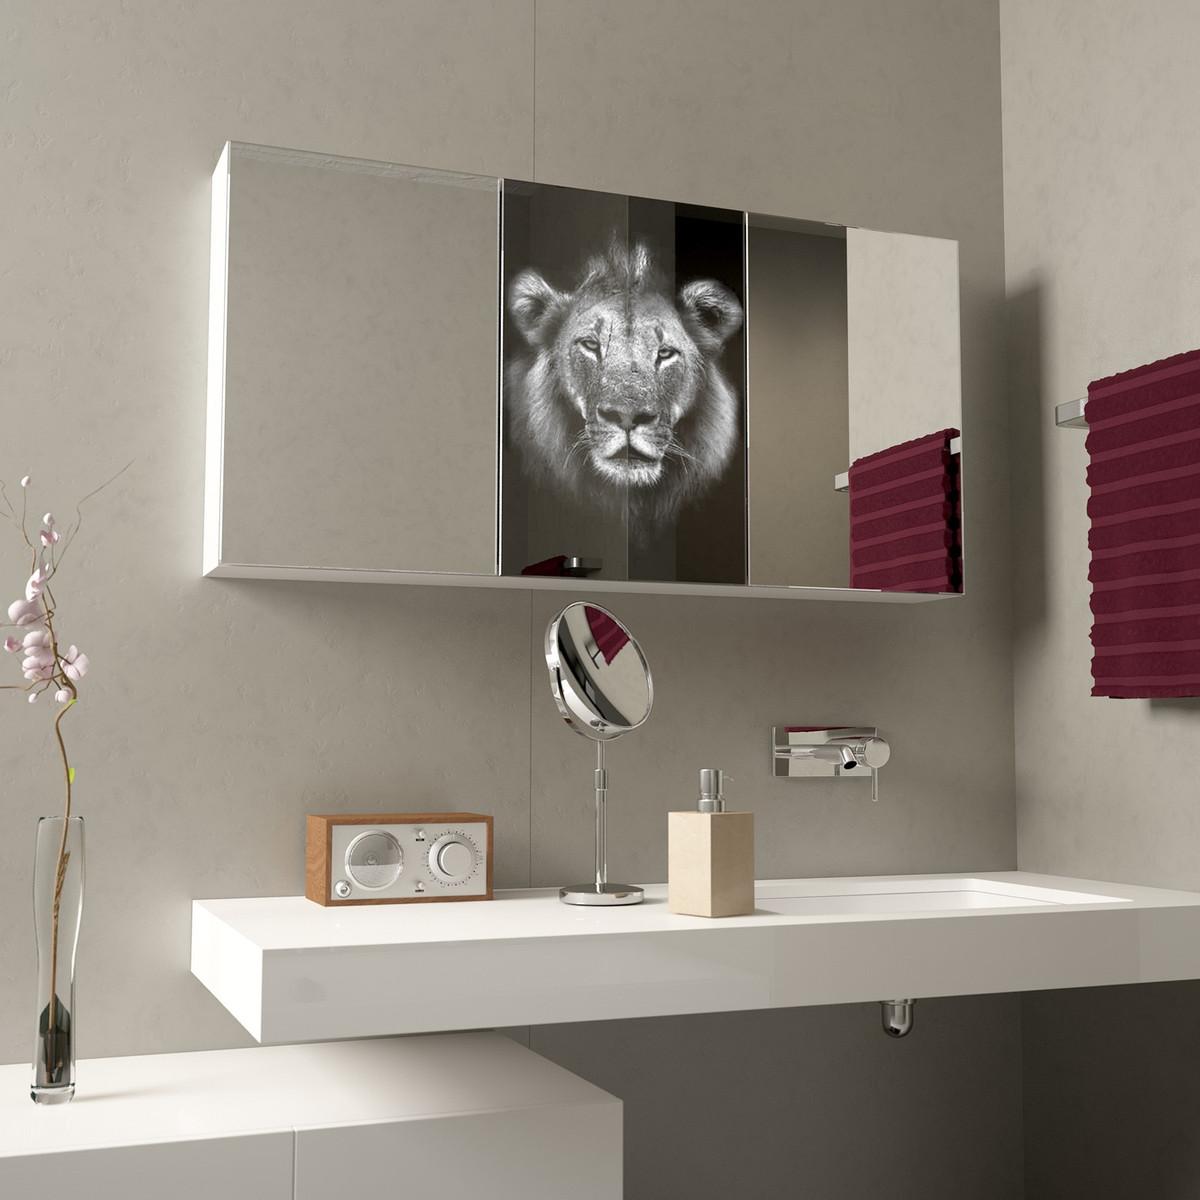 Spiegelschrank mit Löwenkopf Lion